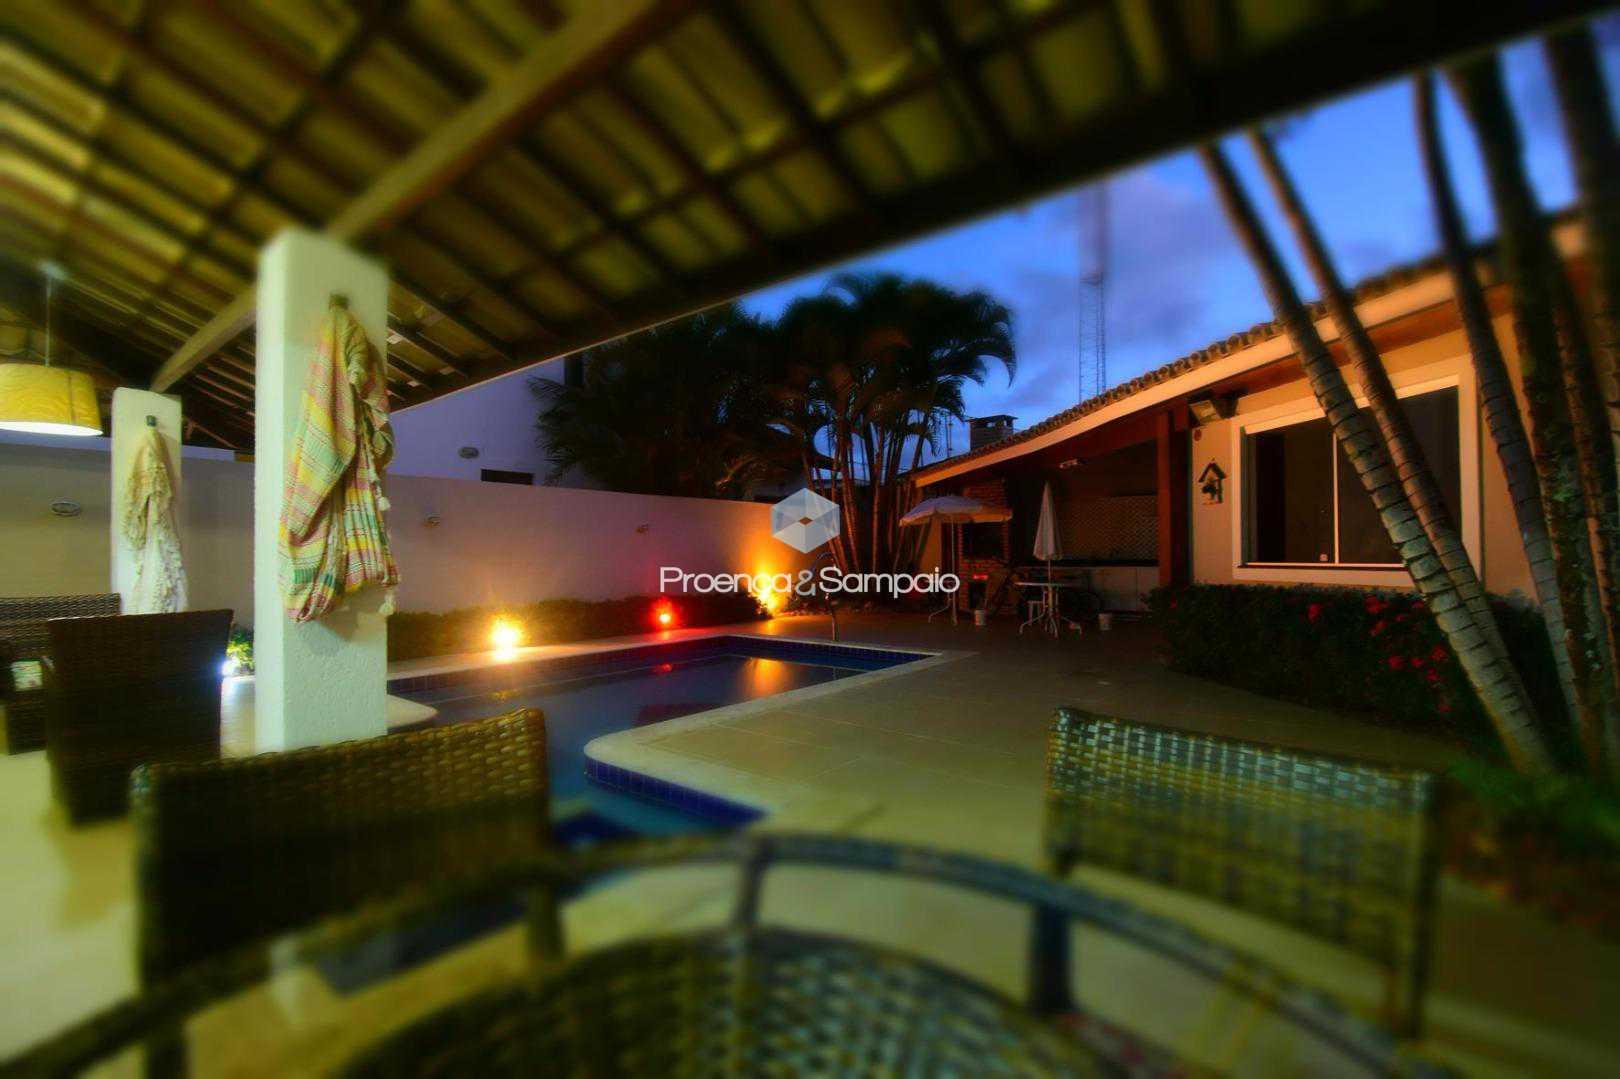 FOTO6 - Casa em Condomínio 4 quartos à venda Lauro de Freitas,BA - R$ 870.000 - PSCN40007 - 8